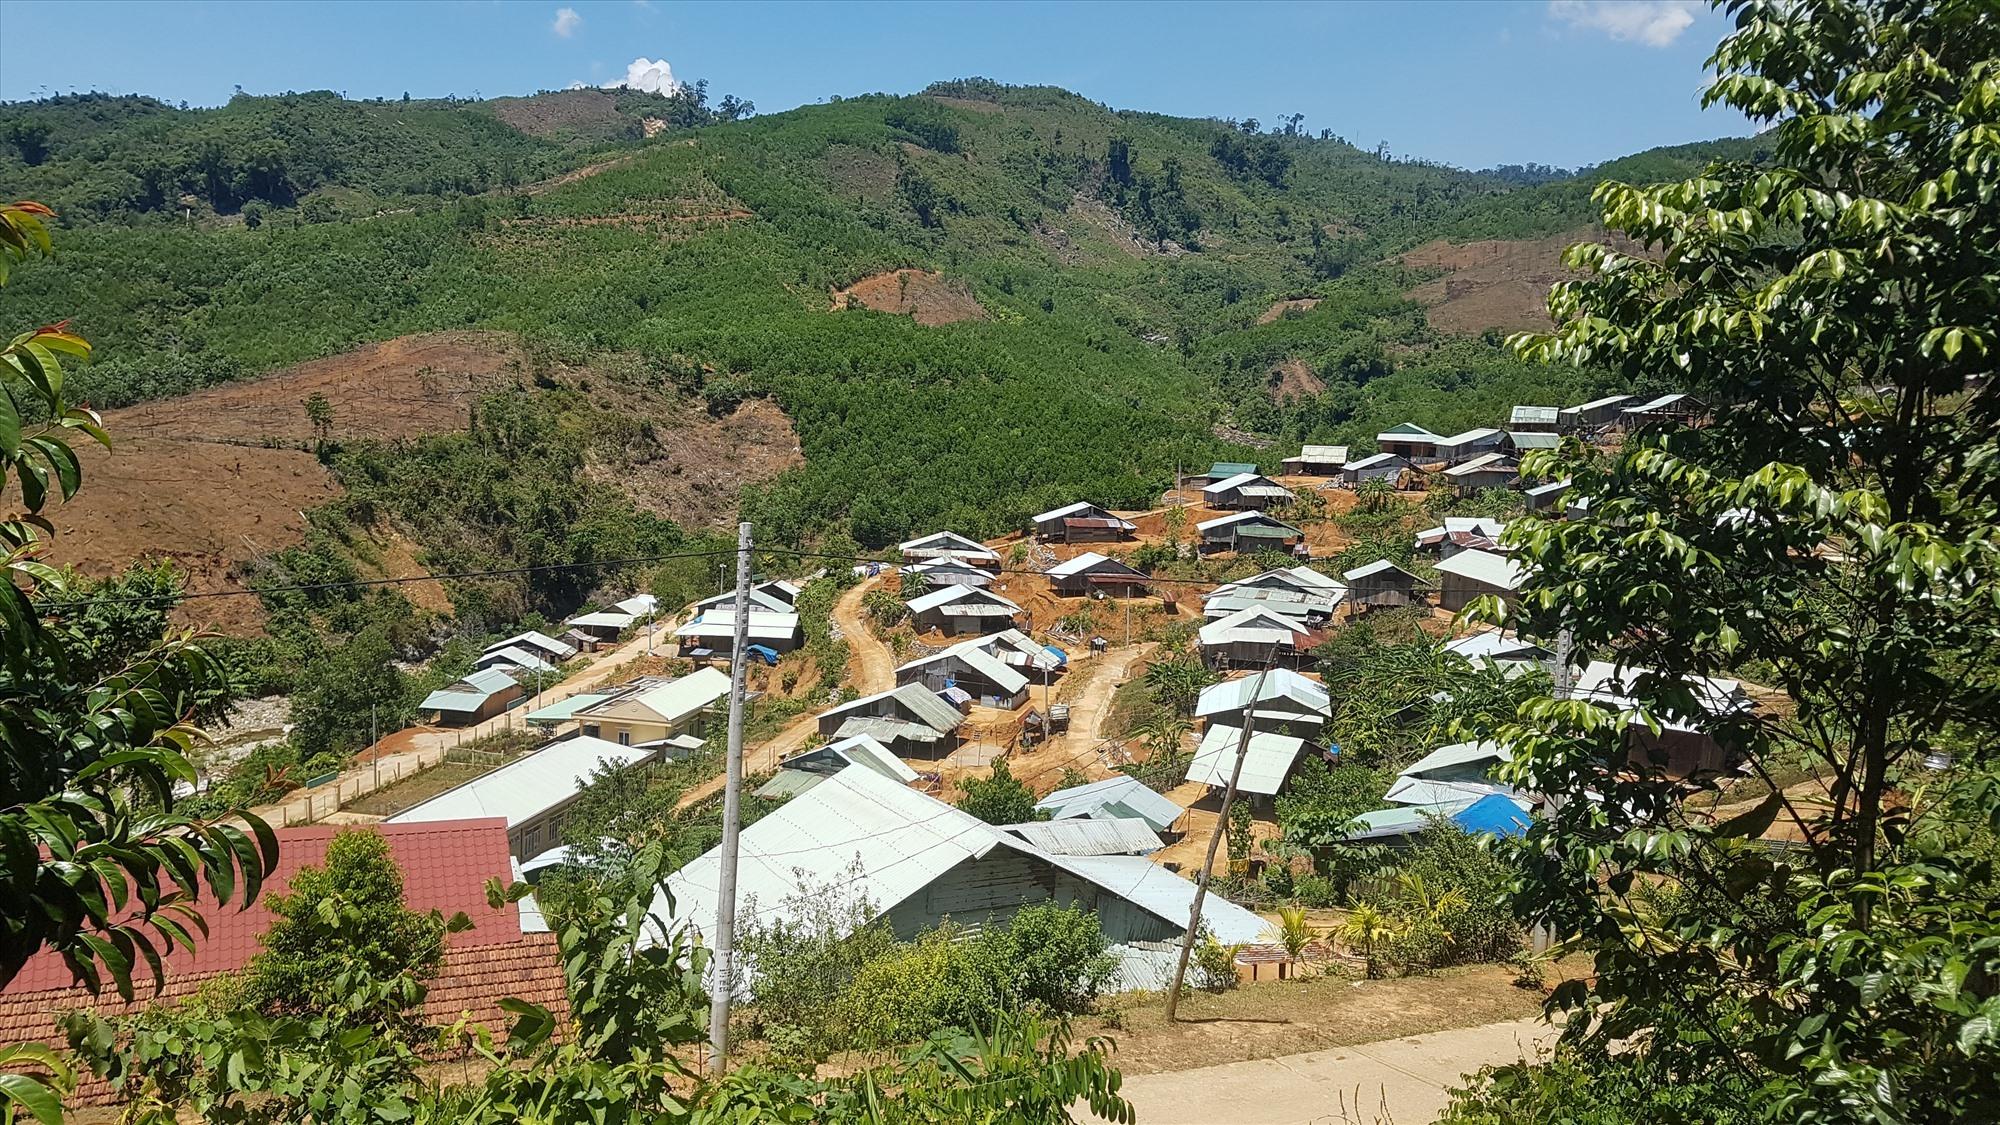 Một khu tái định cư cuộc sống người dân đã ổn định tại huyện Bắc Trà My. Ảnh: D.L